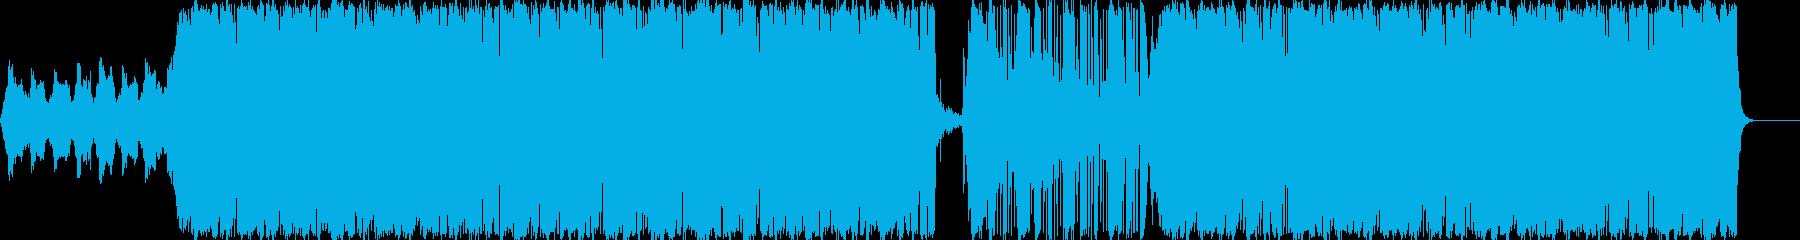 せつない系のインストテクノポップの再生済みの波形